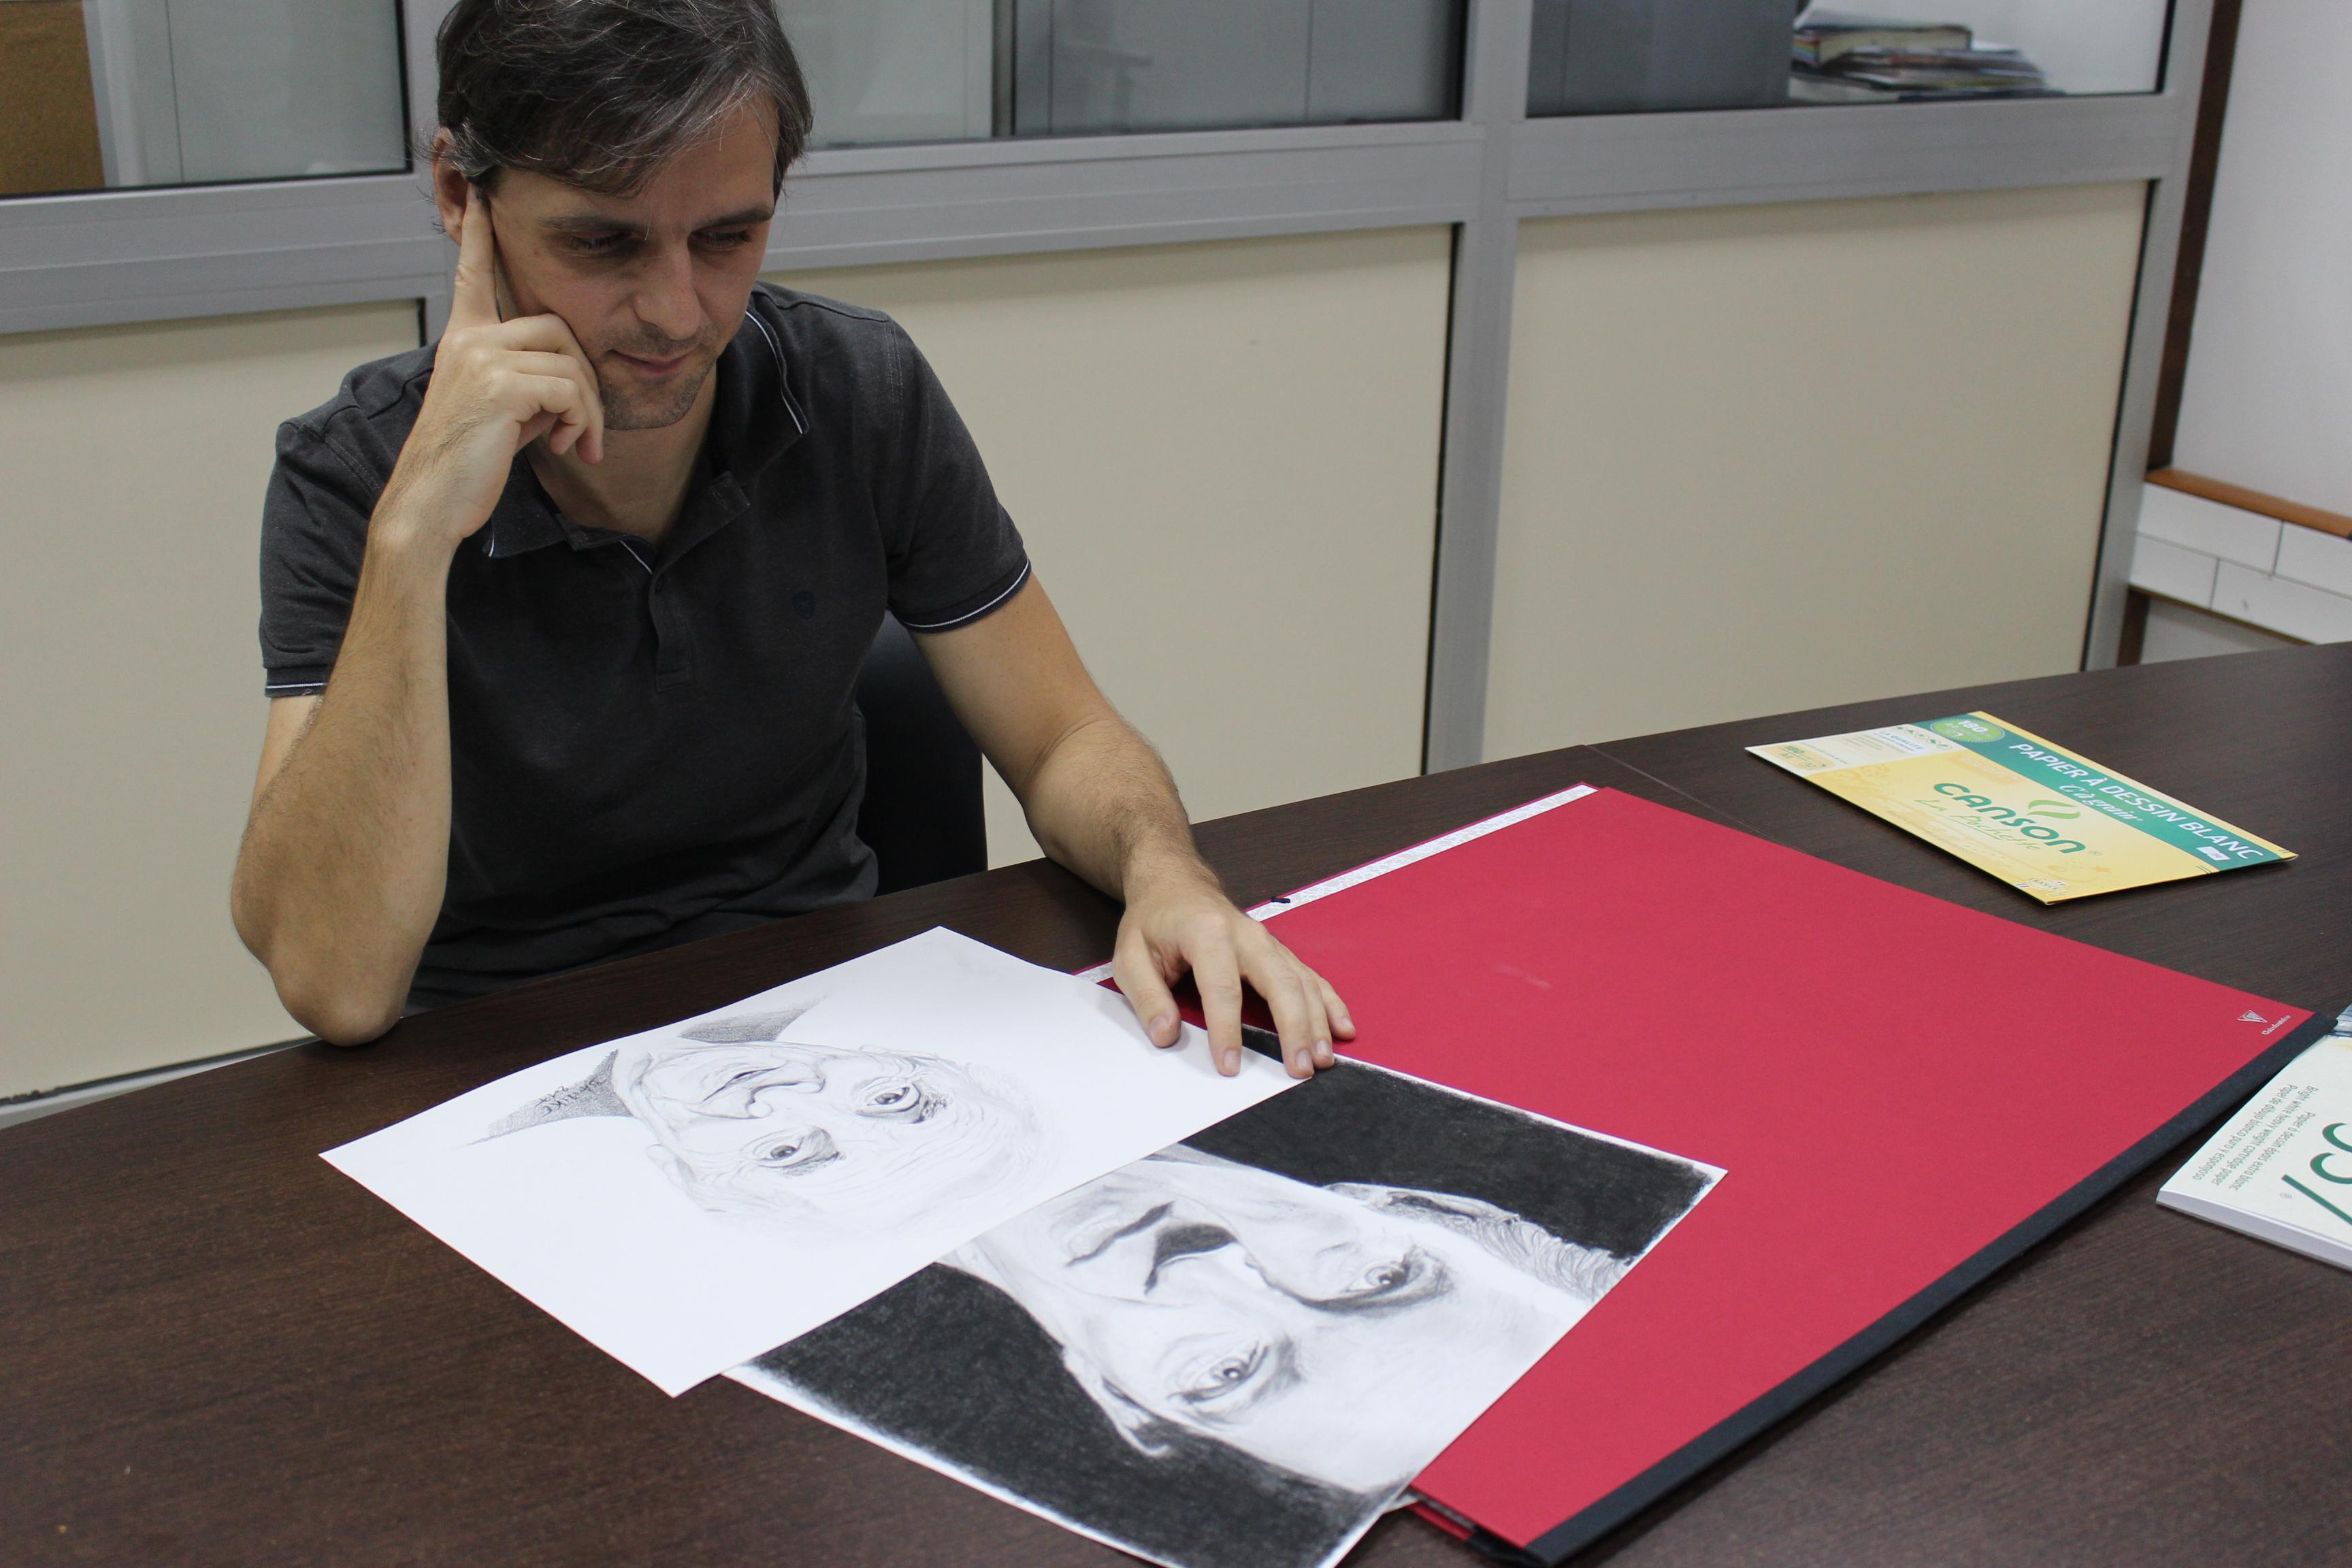 Portraitiste, Mike fait le buzz après quelques semaines de pratique